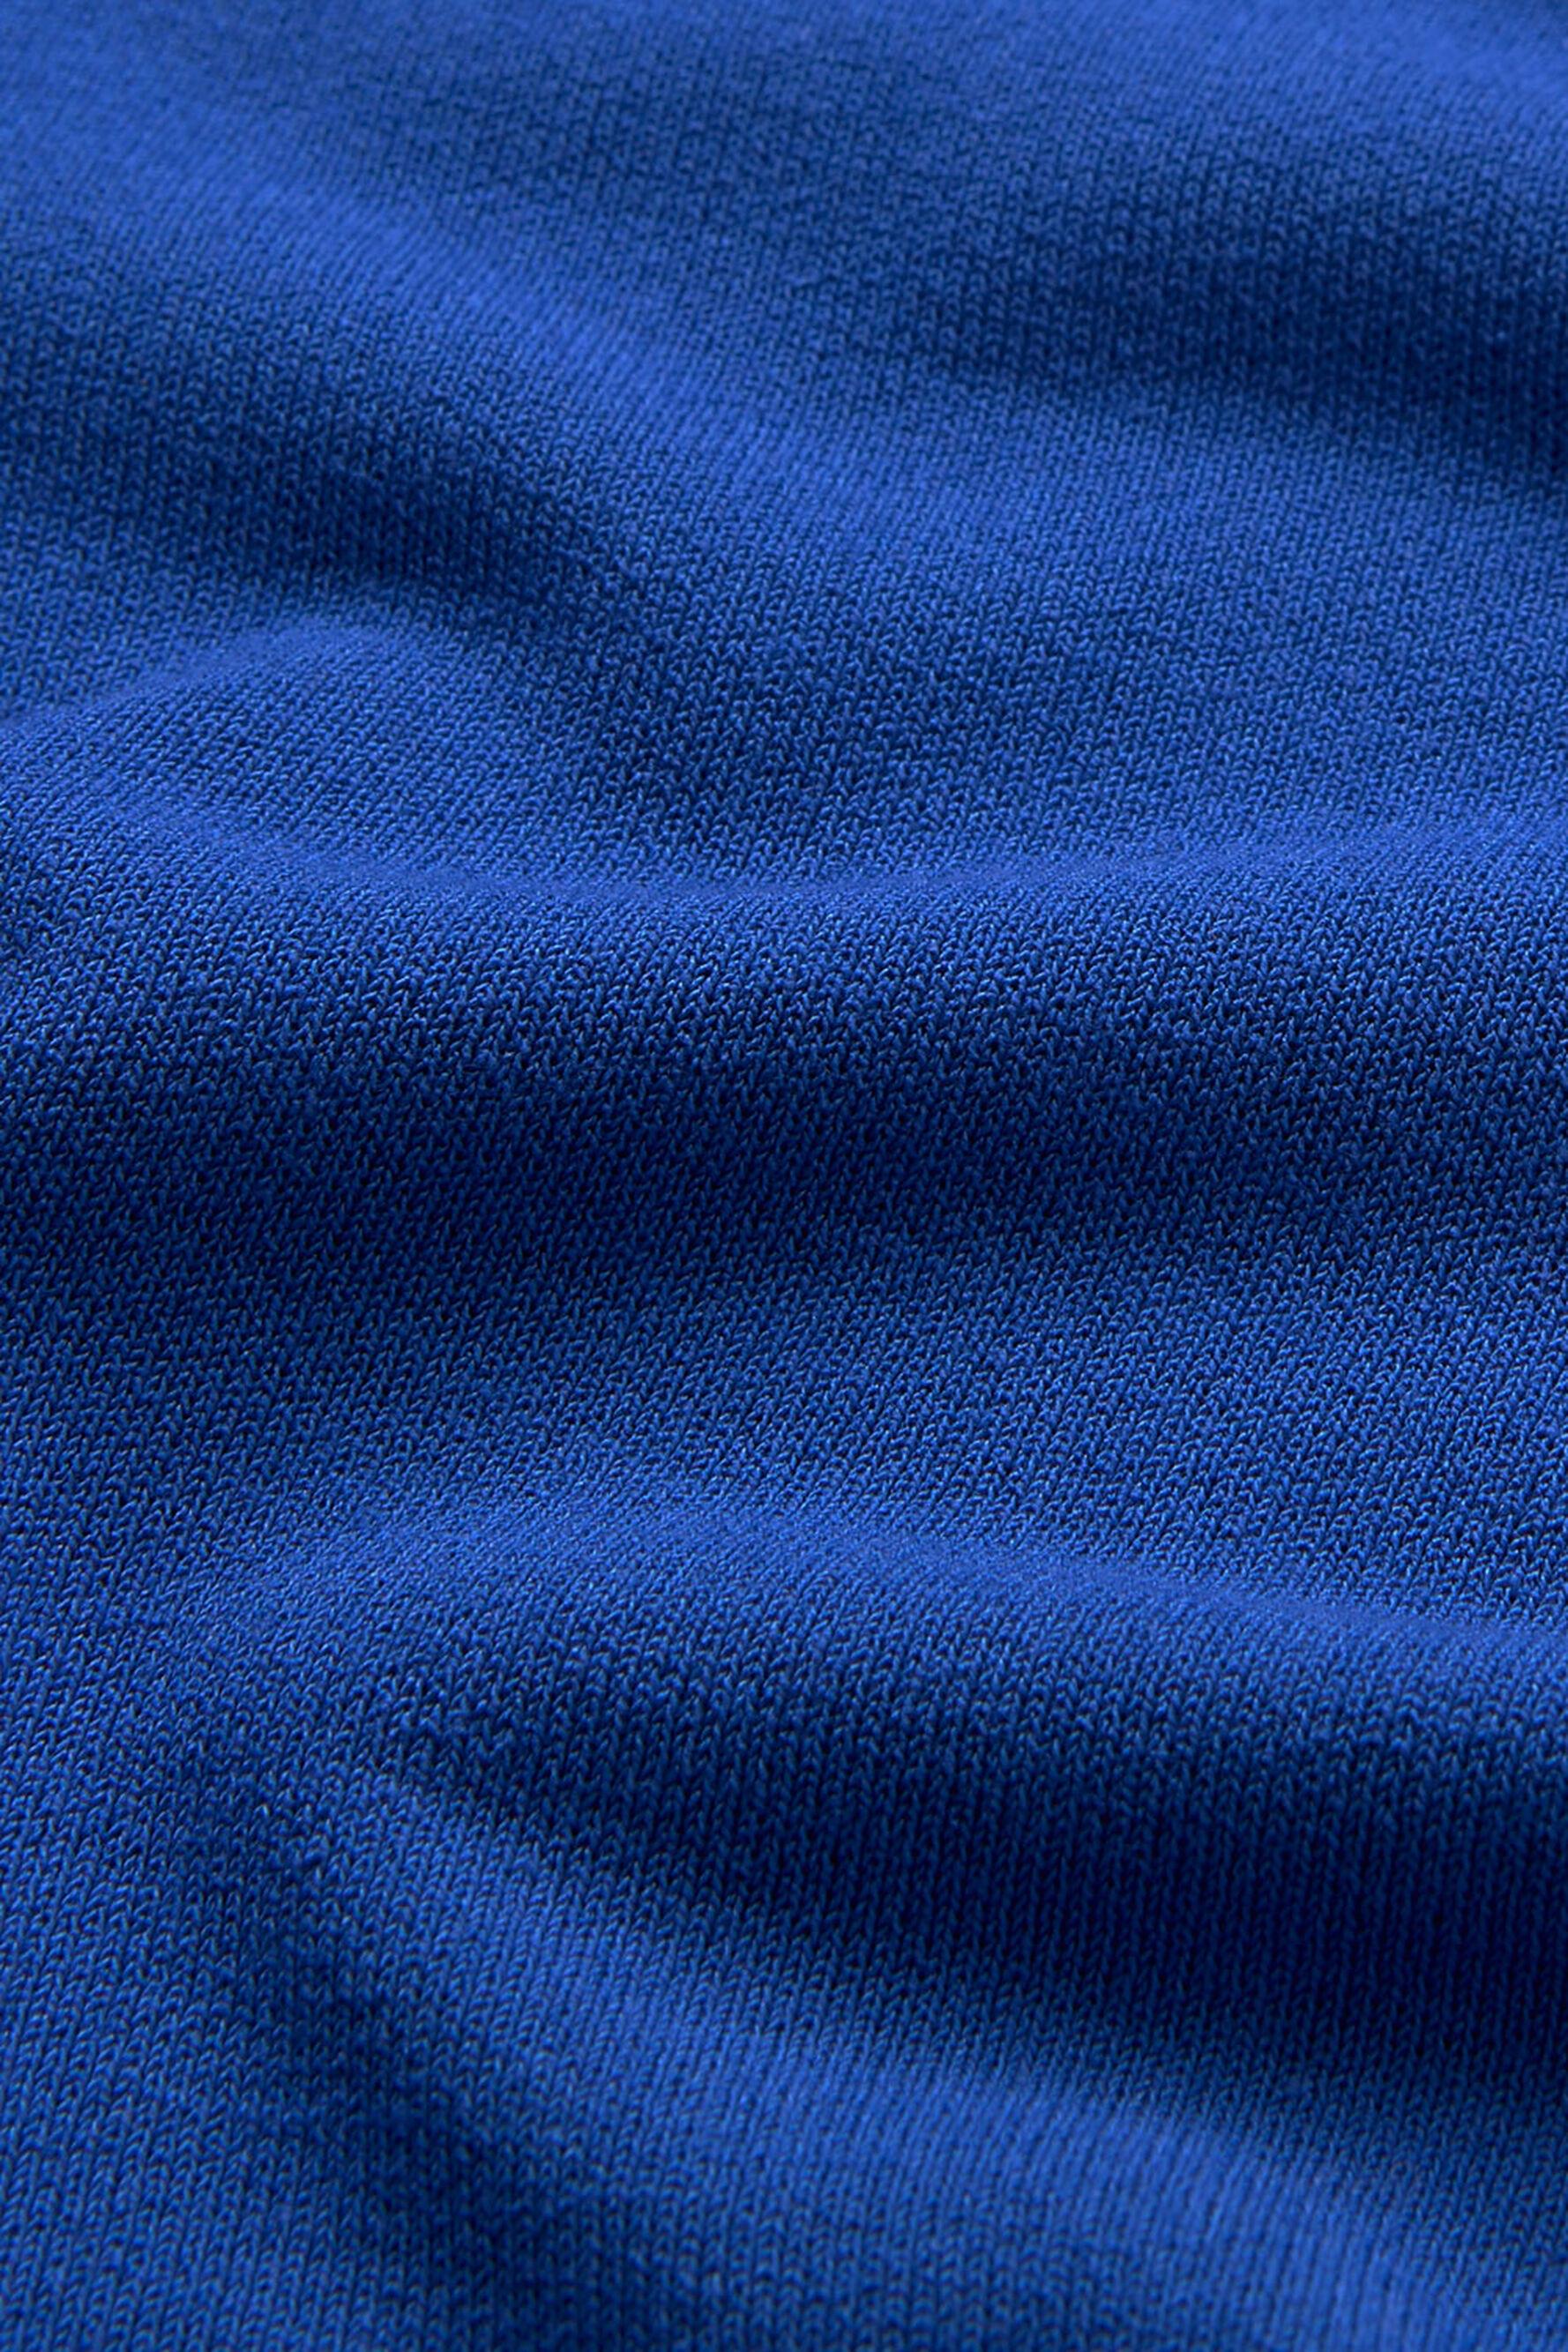 ELTA TOPP, ROYAL BLUE, hi-res